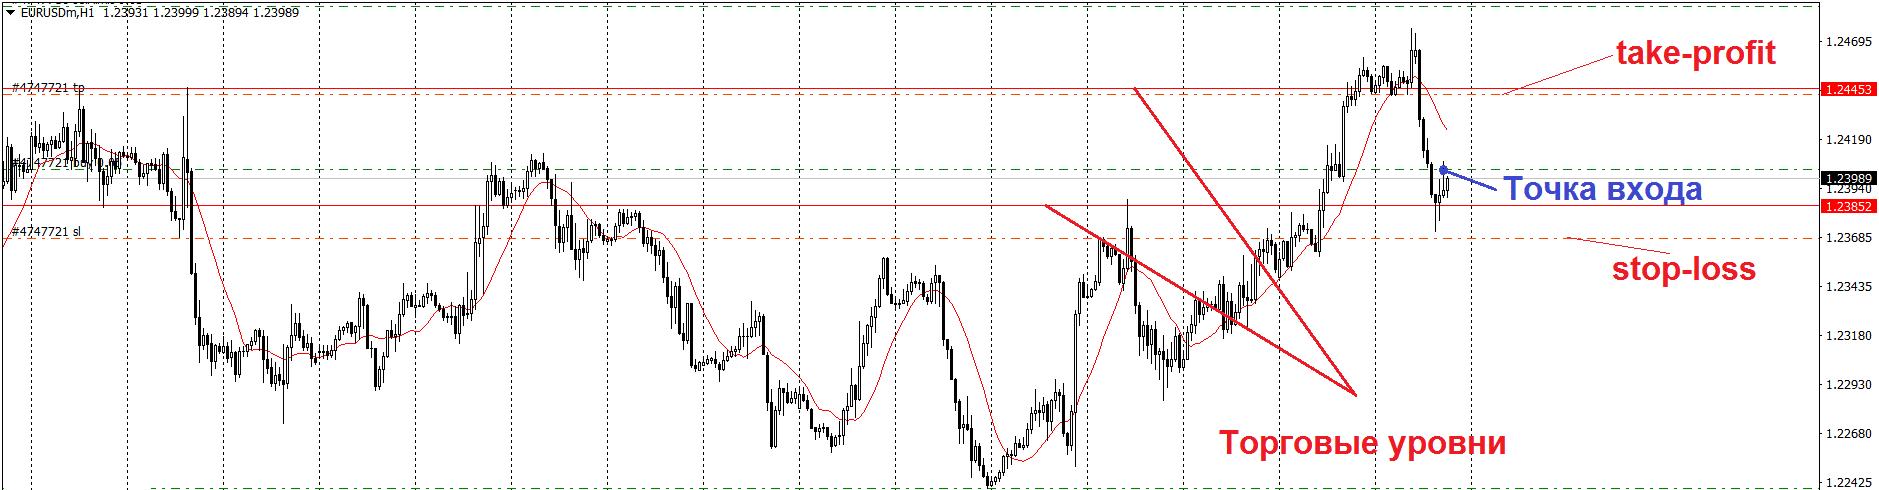 Выход из сделки Форекс на торговом уровне